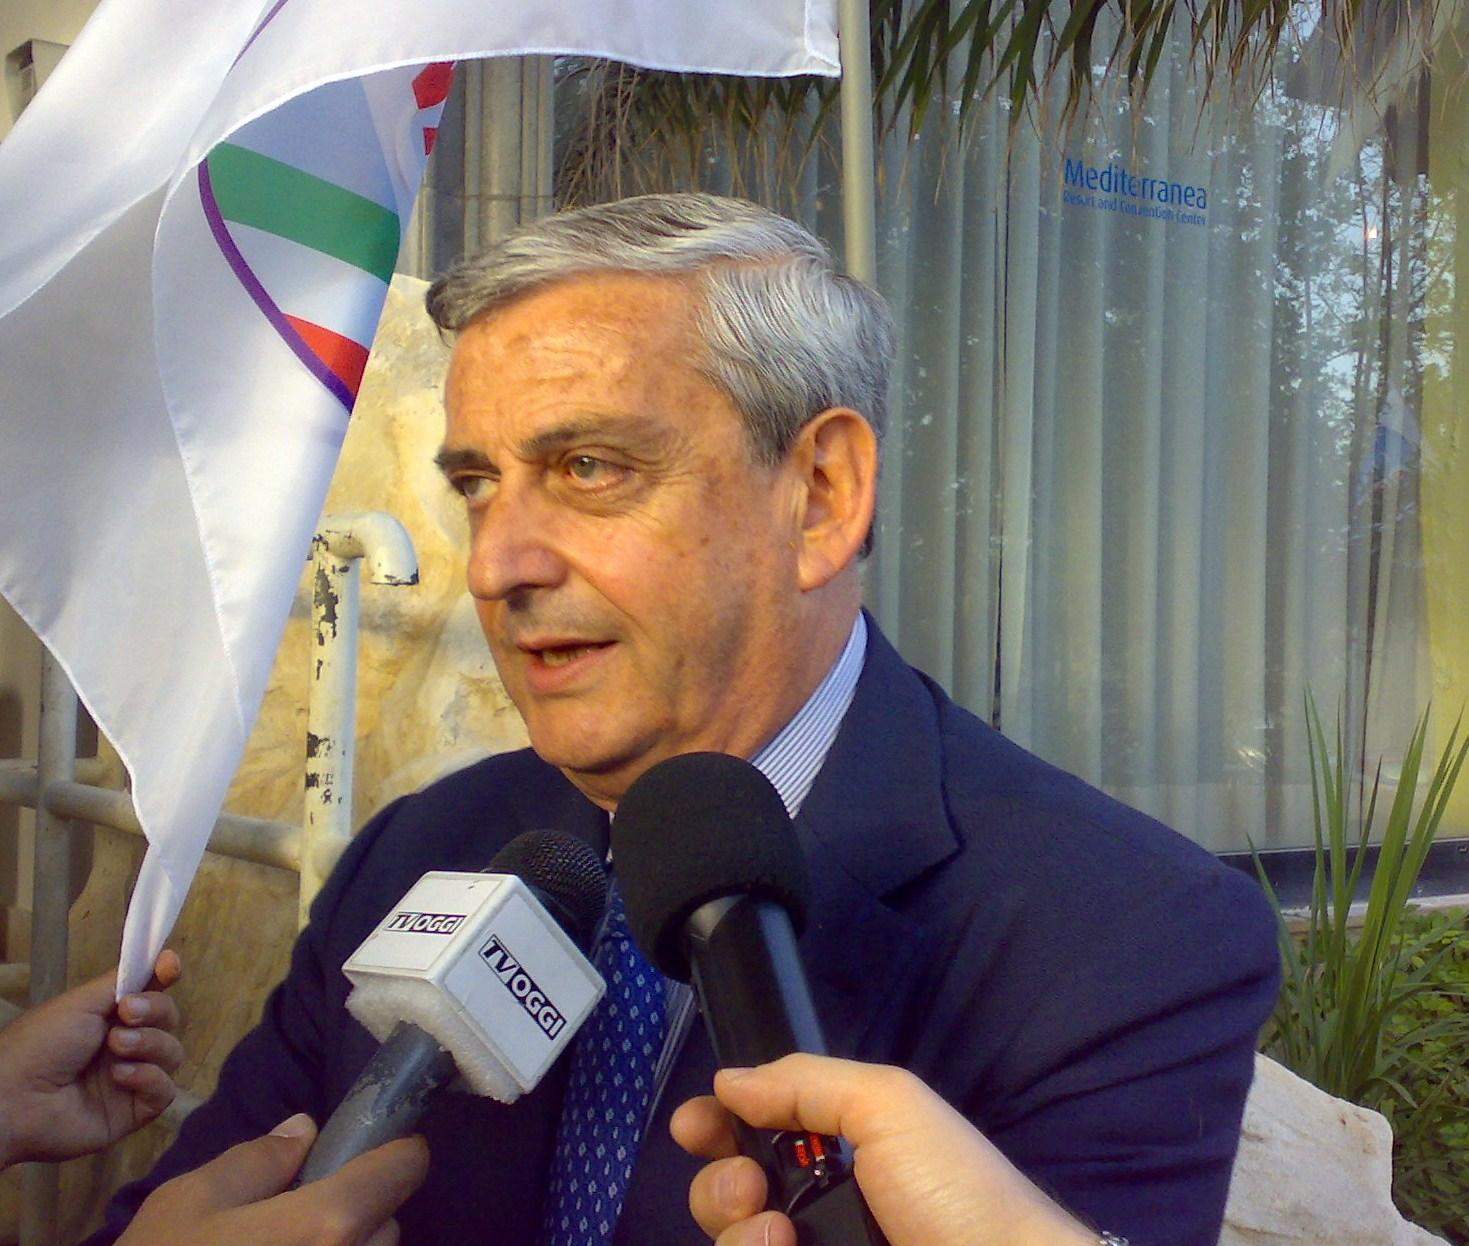 La tragedia umana di Paolo Del Mese per un'inutile crudeltà